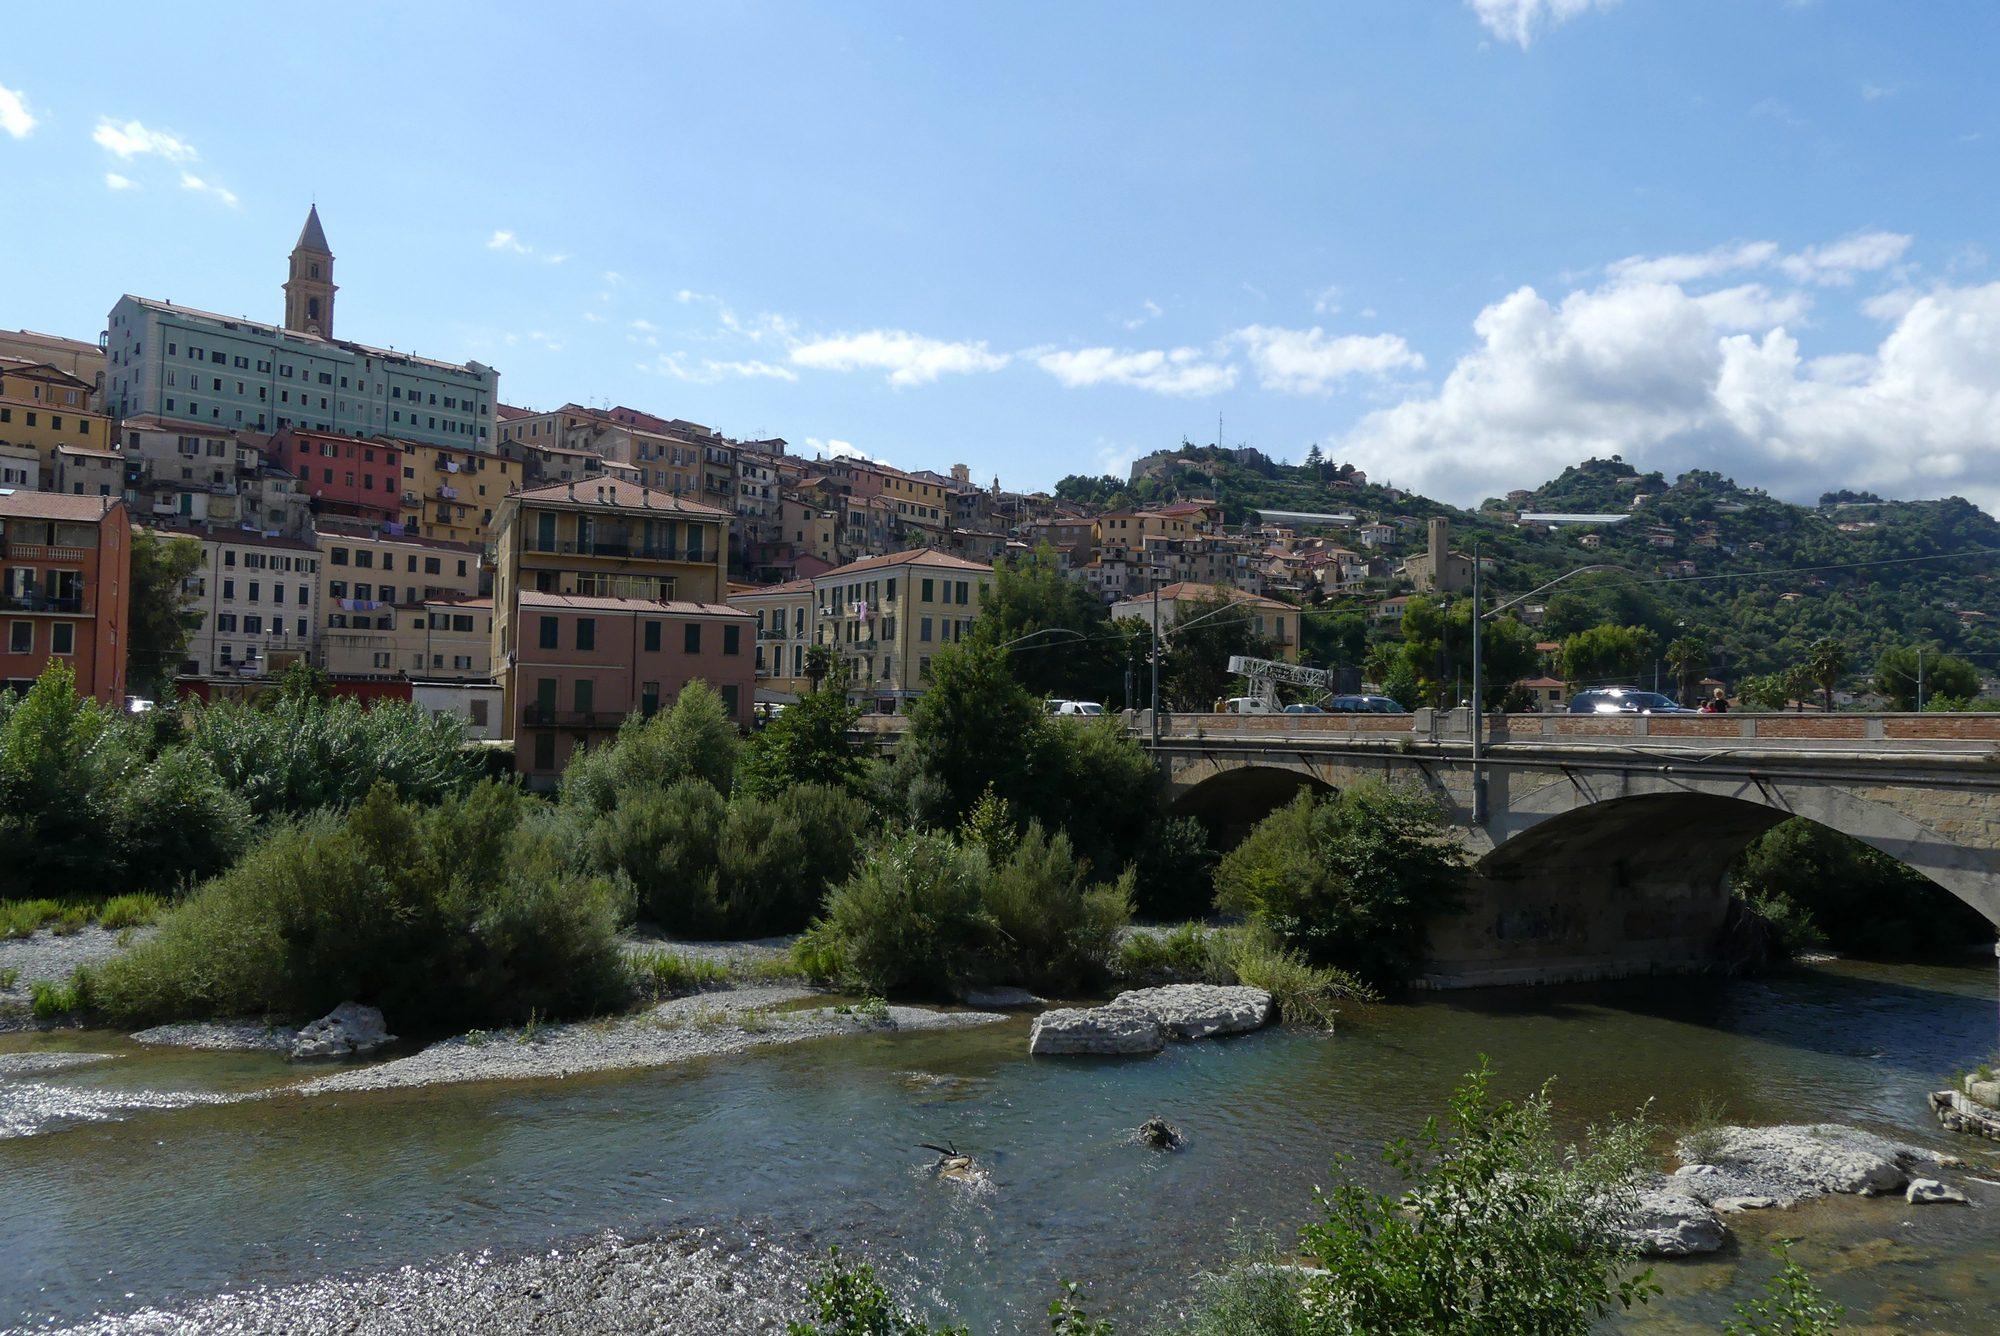 Die Altstadt von Ventimiglia am Fluss Roia